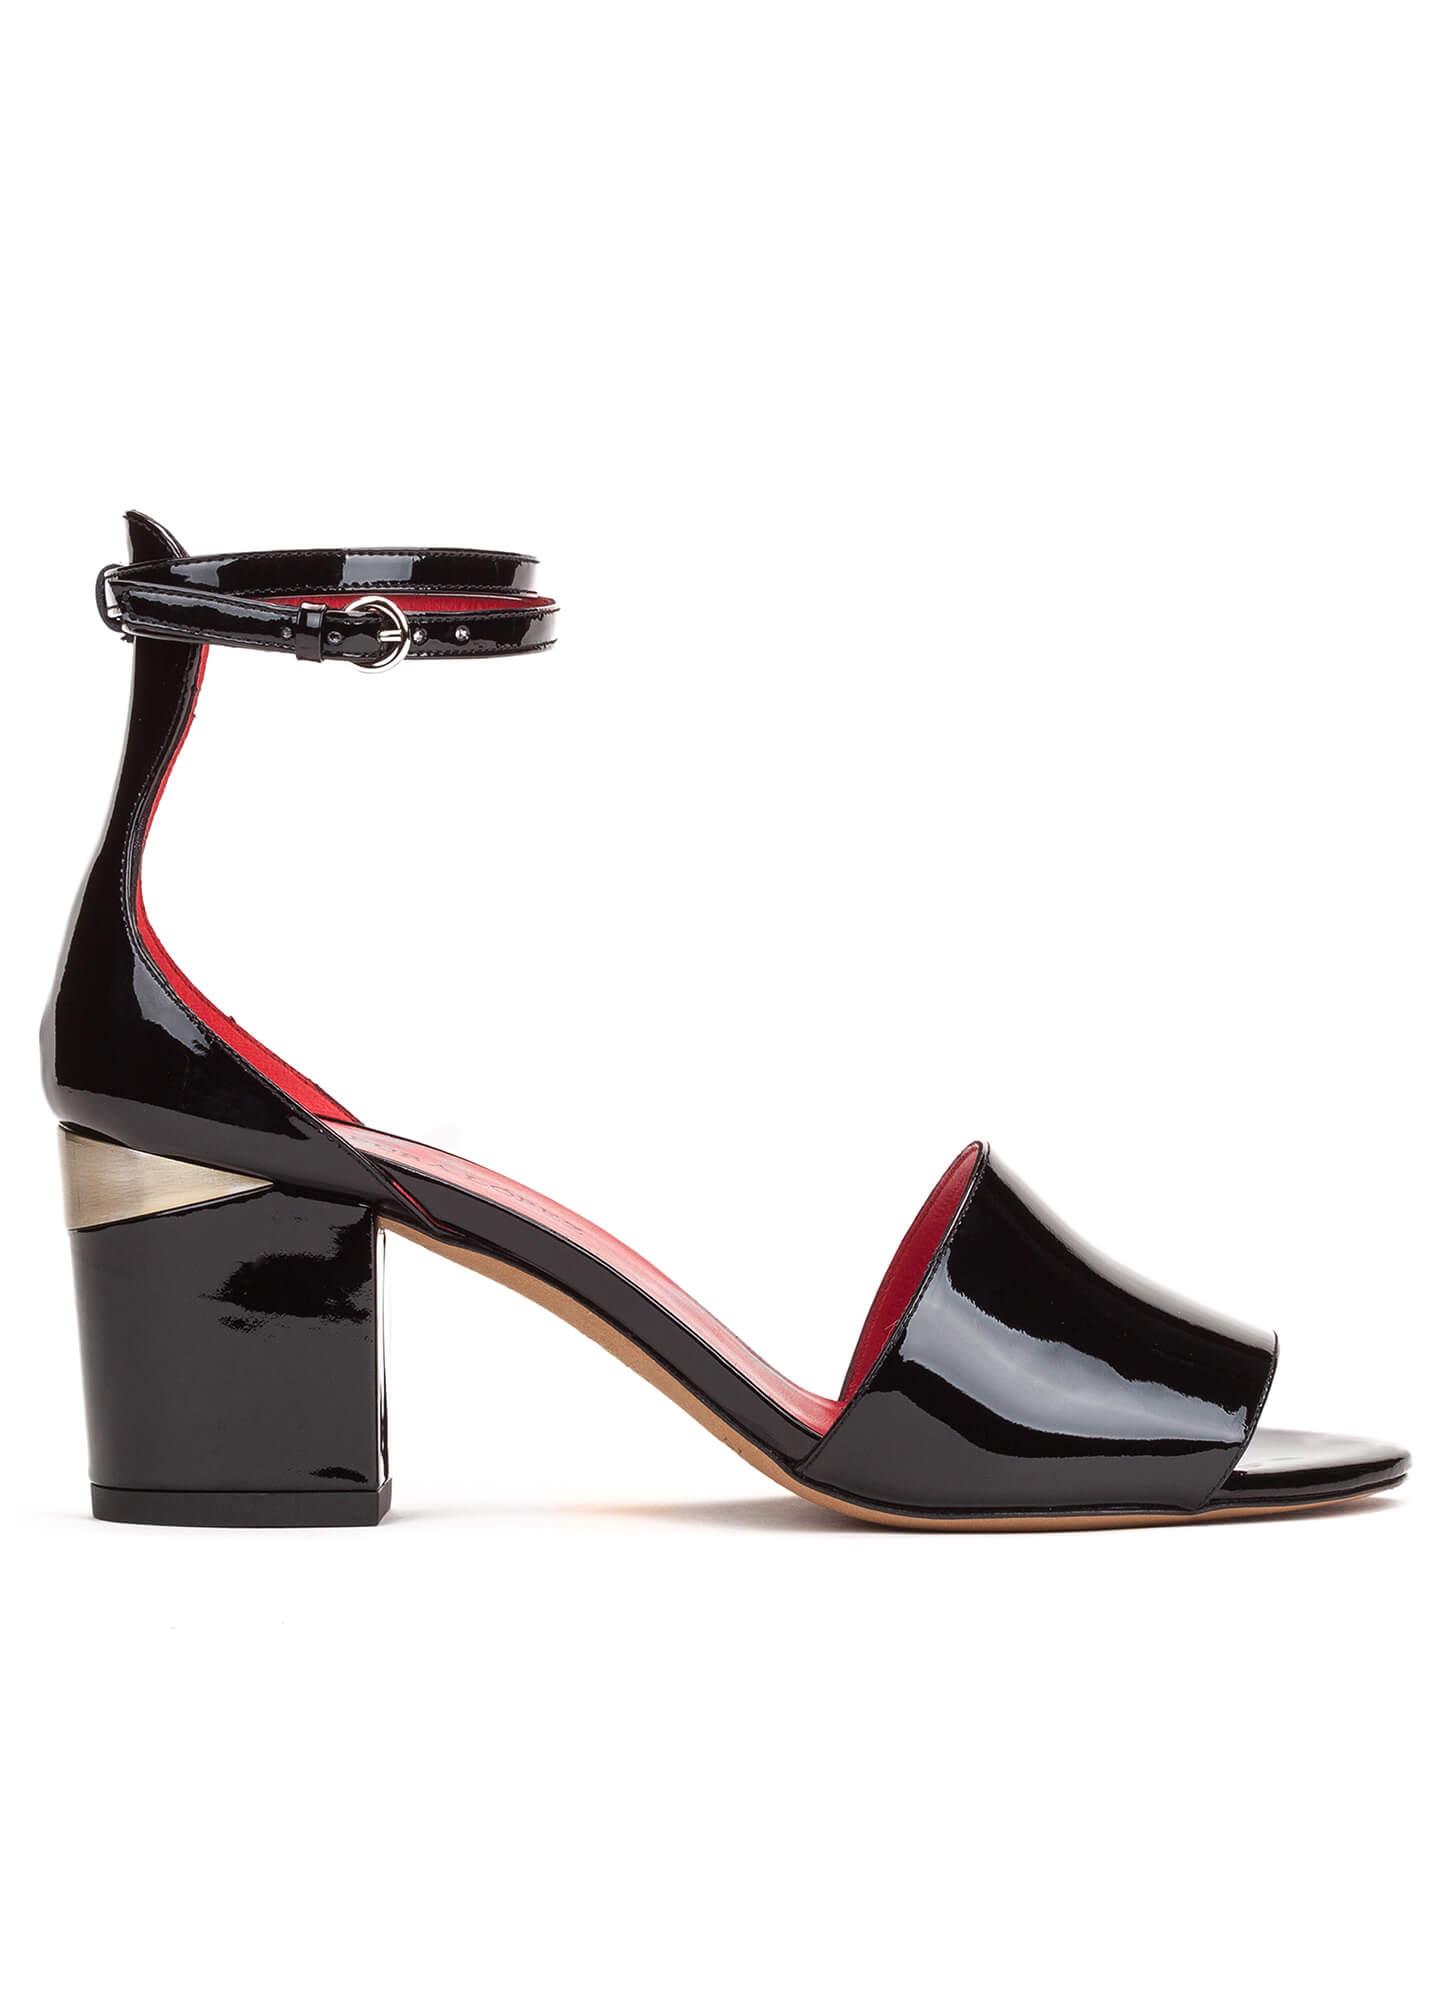 c675f52d211 Ankle strap sandals in black patent - shoe store Pura López . PURA LOPEZ